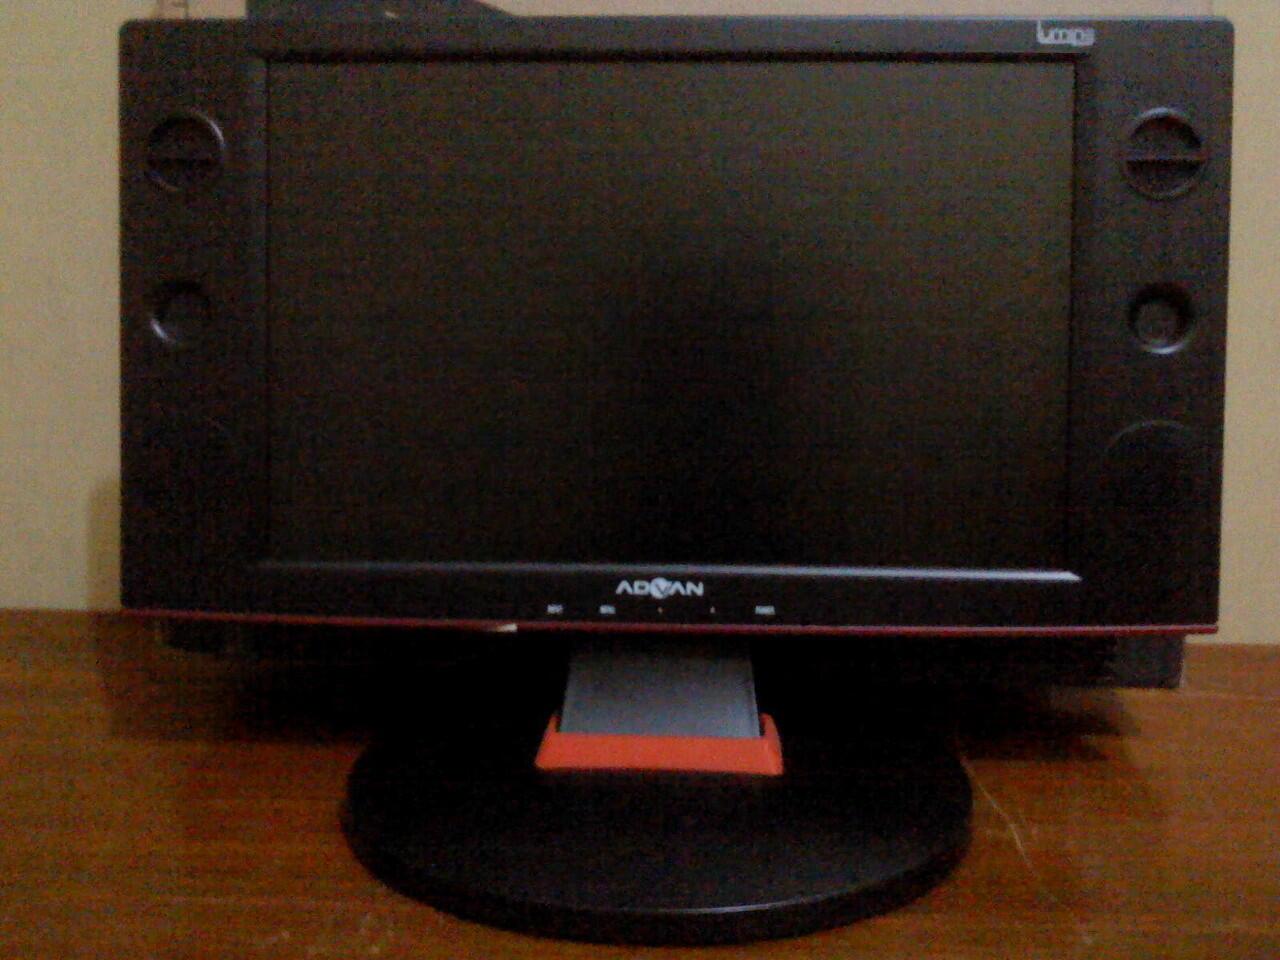 Tv Monitor D512 32 H Ikedo Led Lt 24p1u1 24 Inch Advan 14